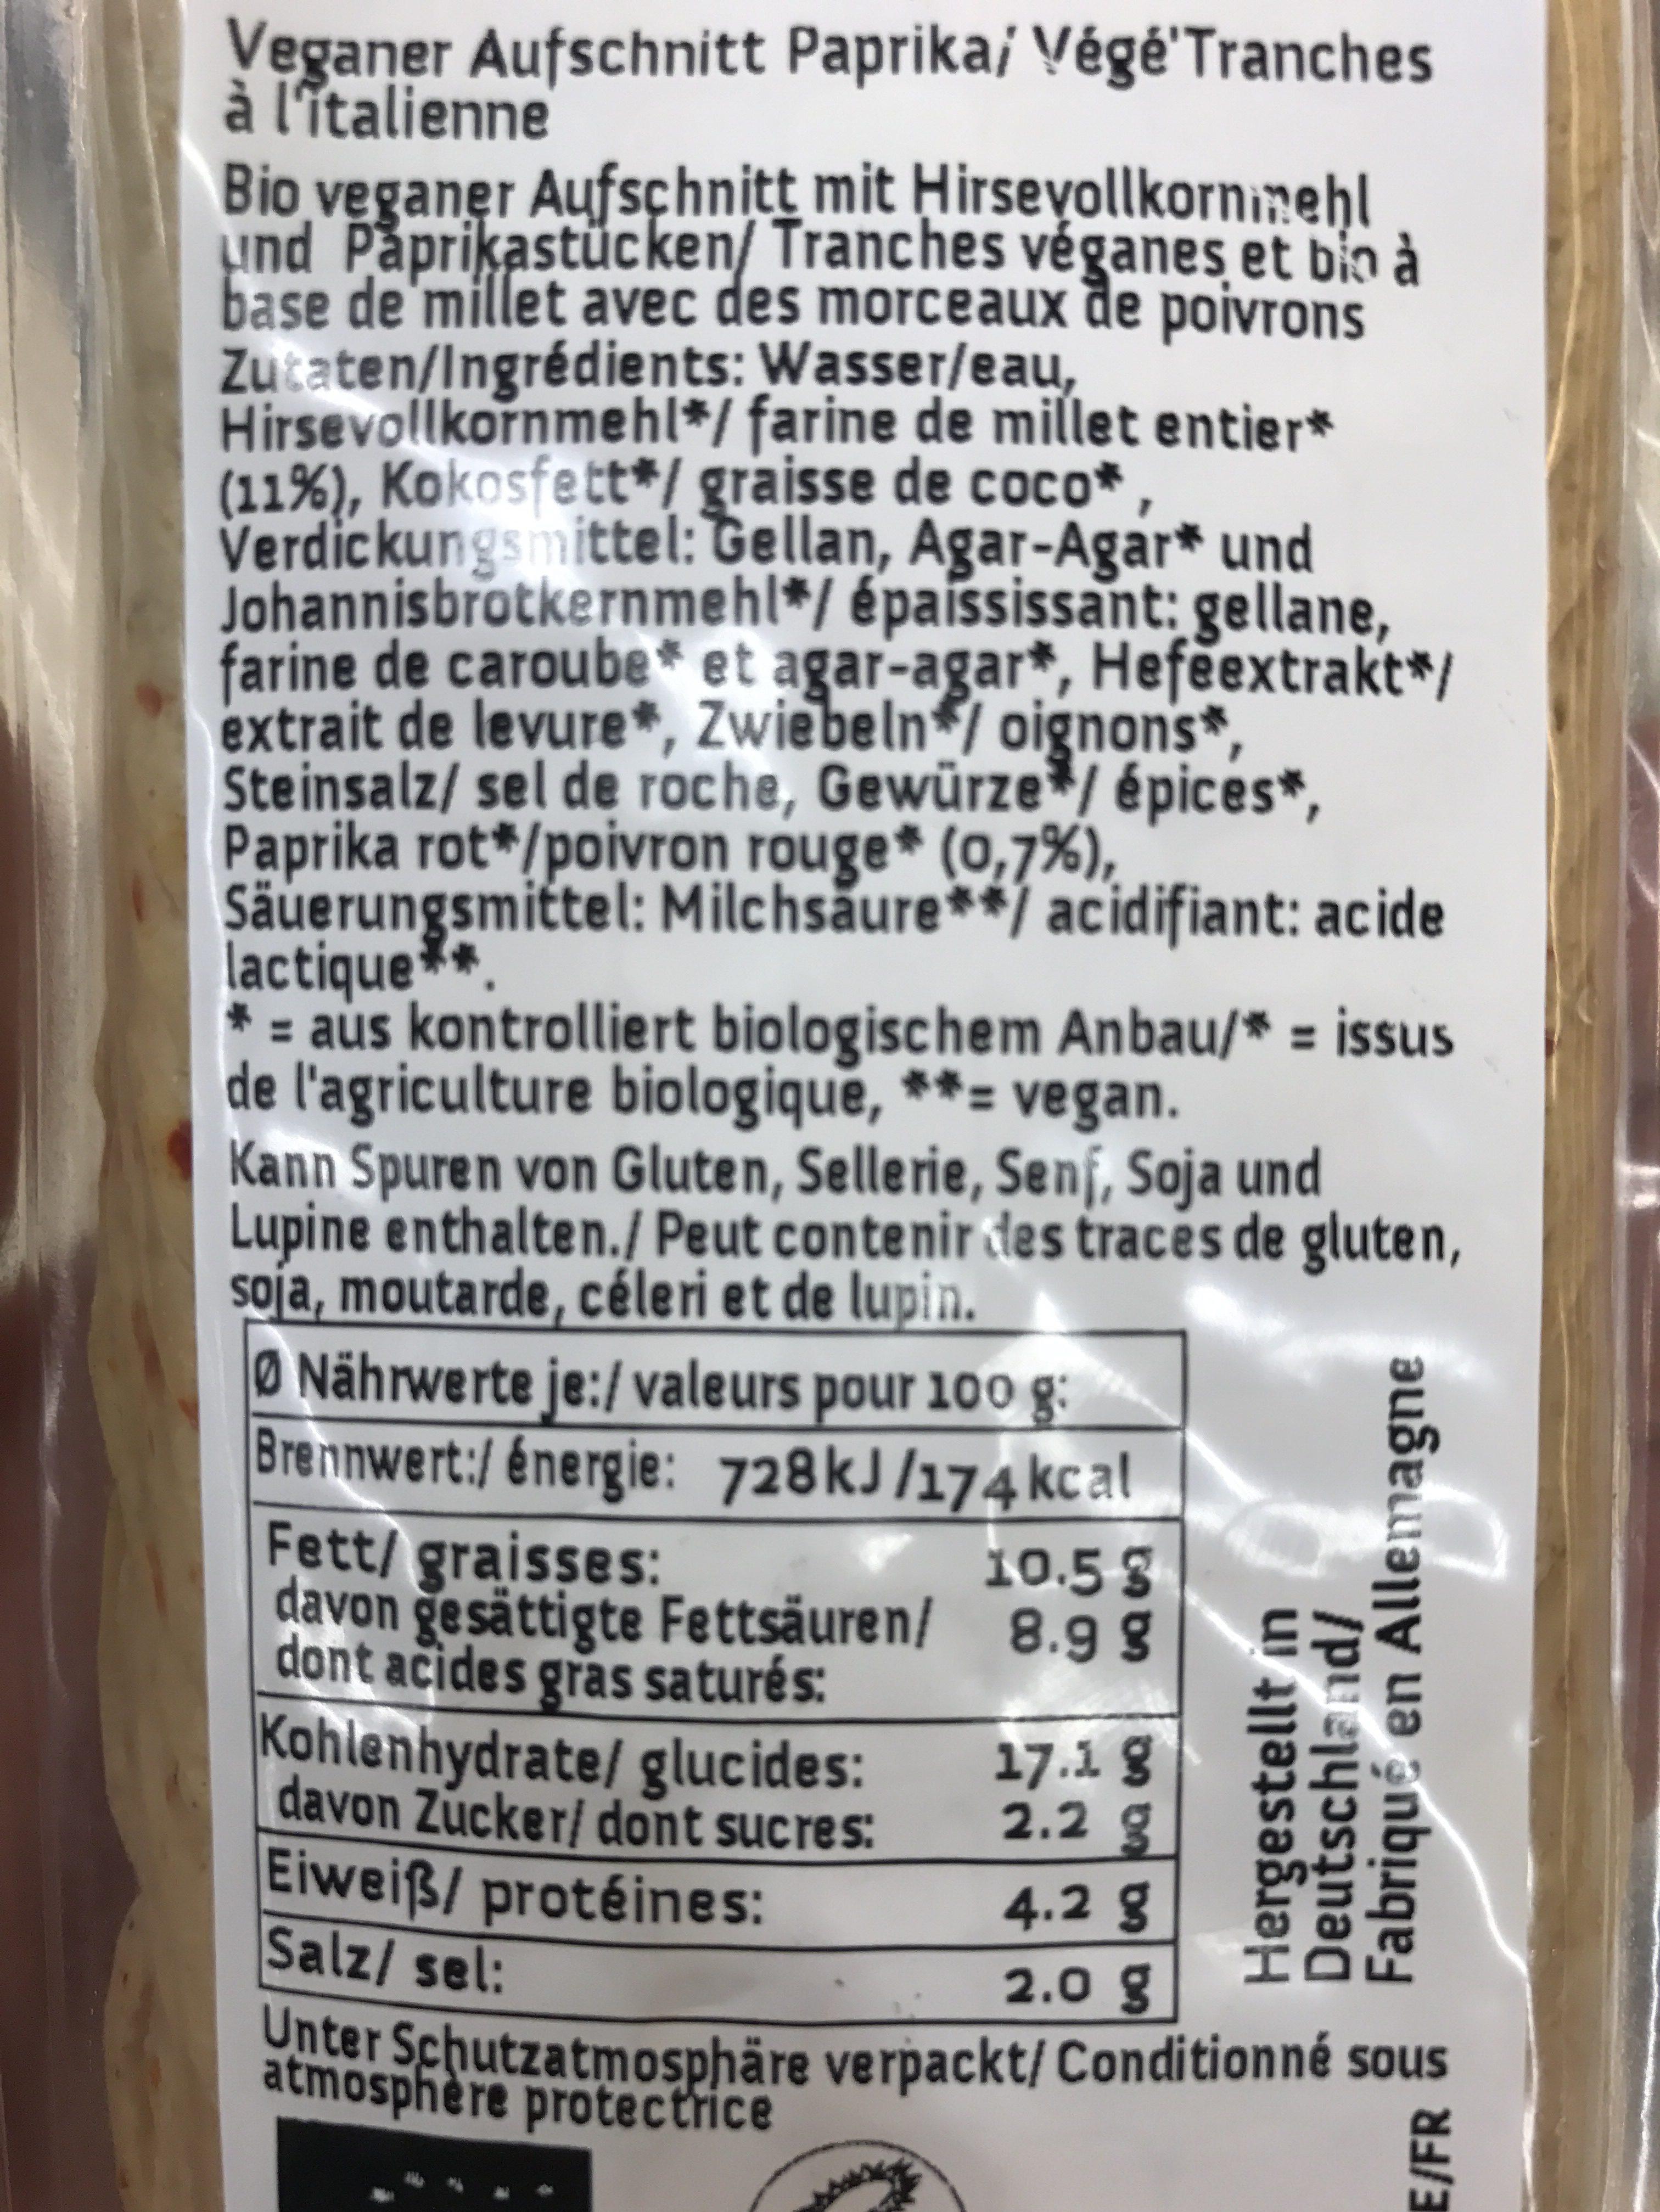 Veganer Aufschnitt Paprika - Ingrédients